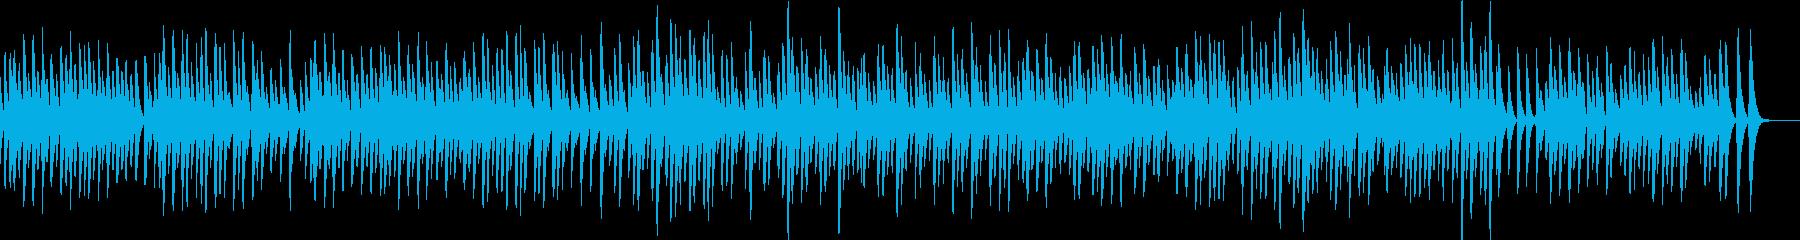 愛の挨拶/暖かい音色のオルゴールの再生済みの波形